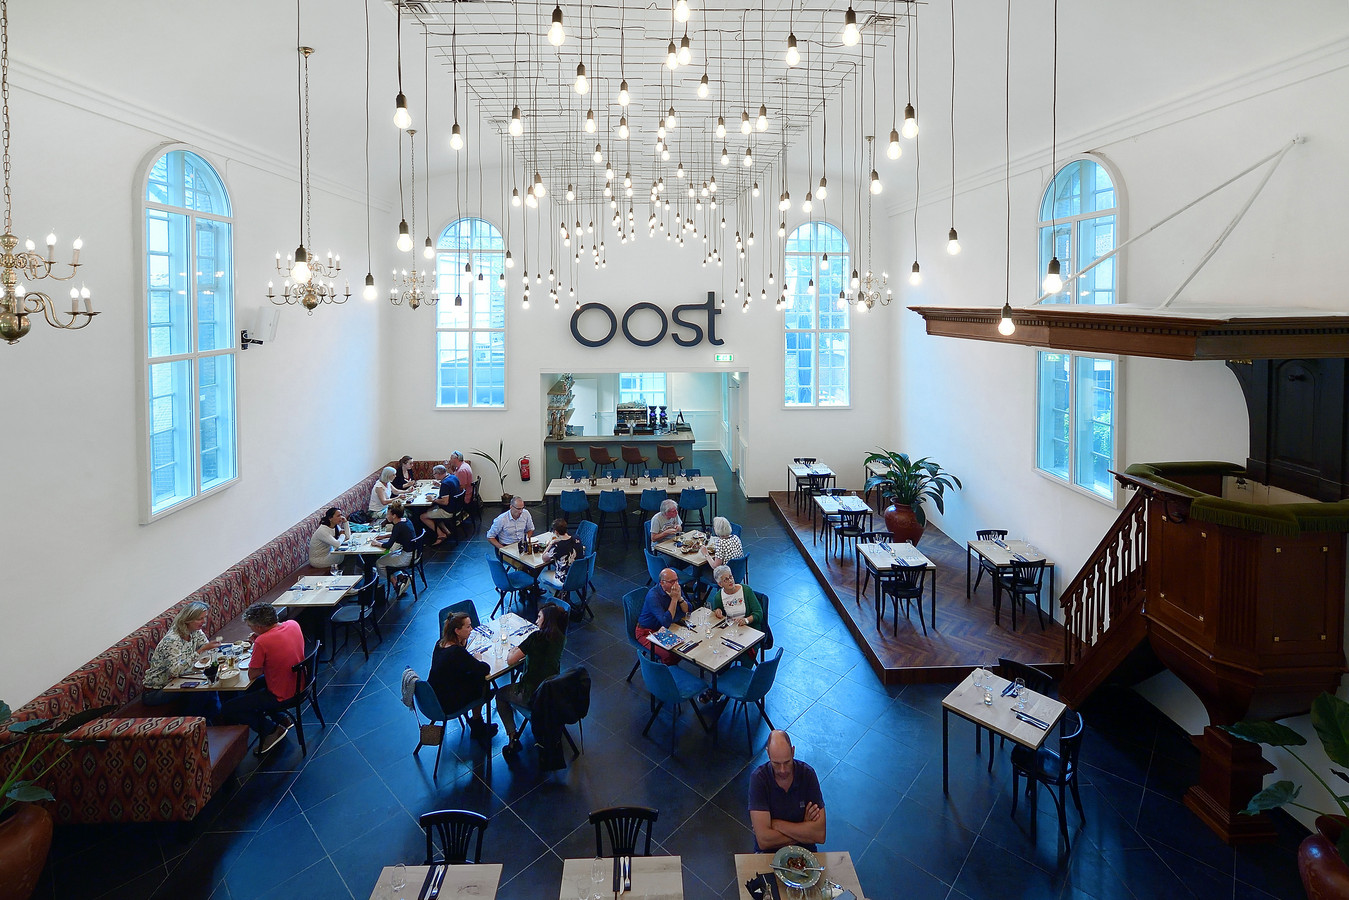 Restaurant Oost zit in een voormalige kerk aan de Bloemenmarkt.